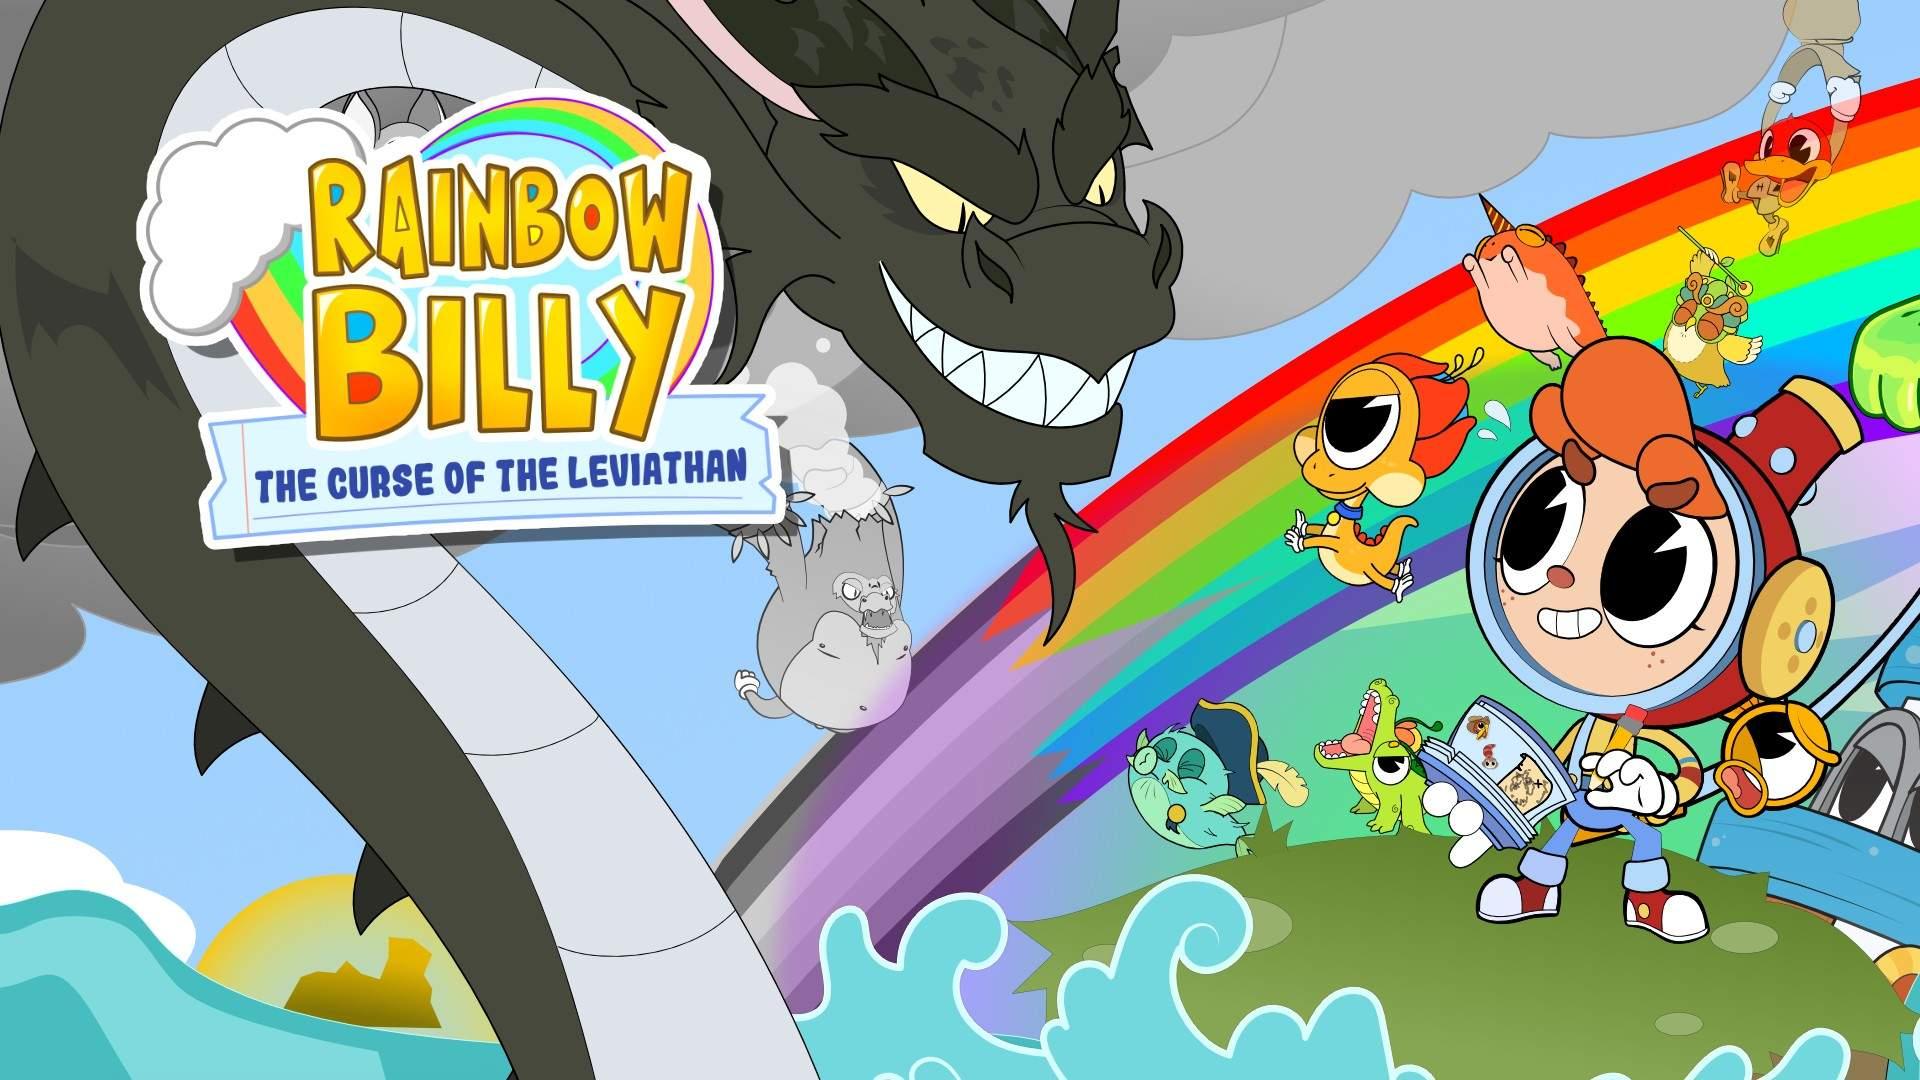 Il videogioco Rainbow Billy: The Curse of the Leviathan (La maledizione del Leviatano)